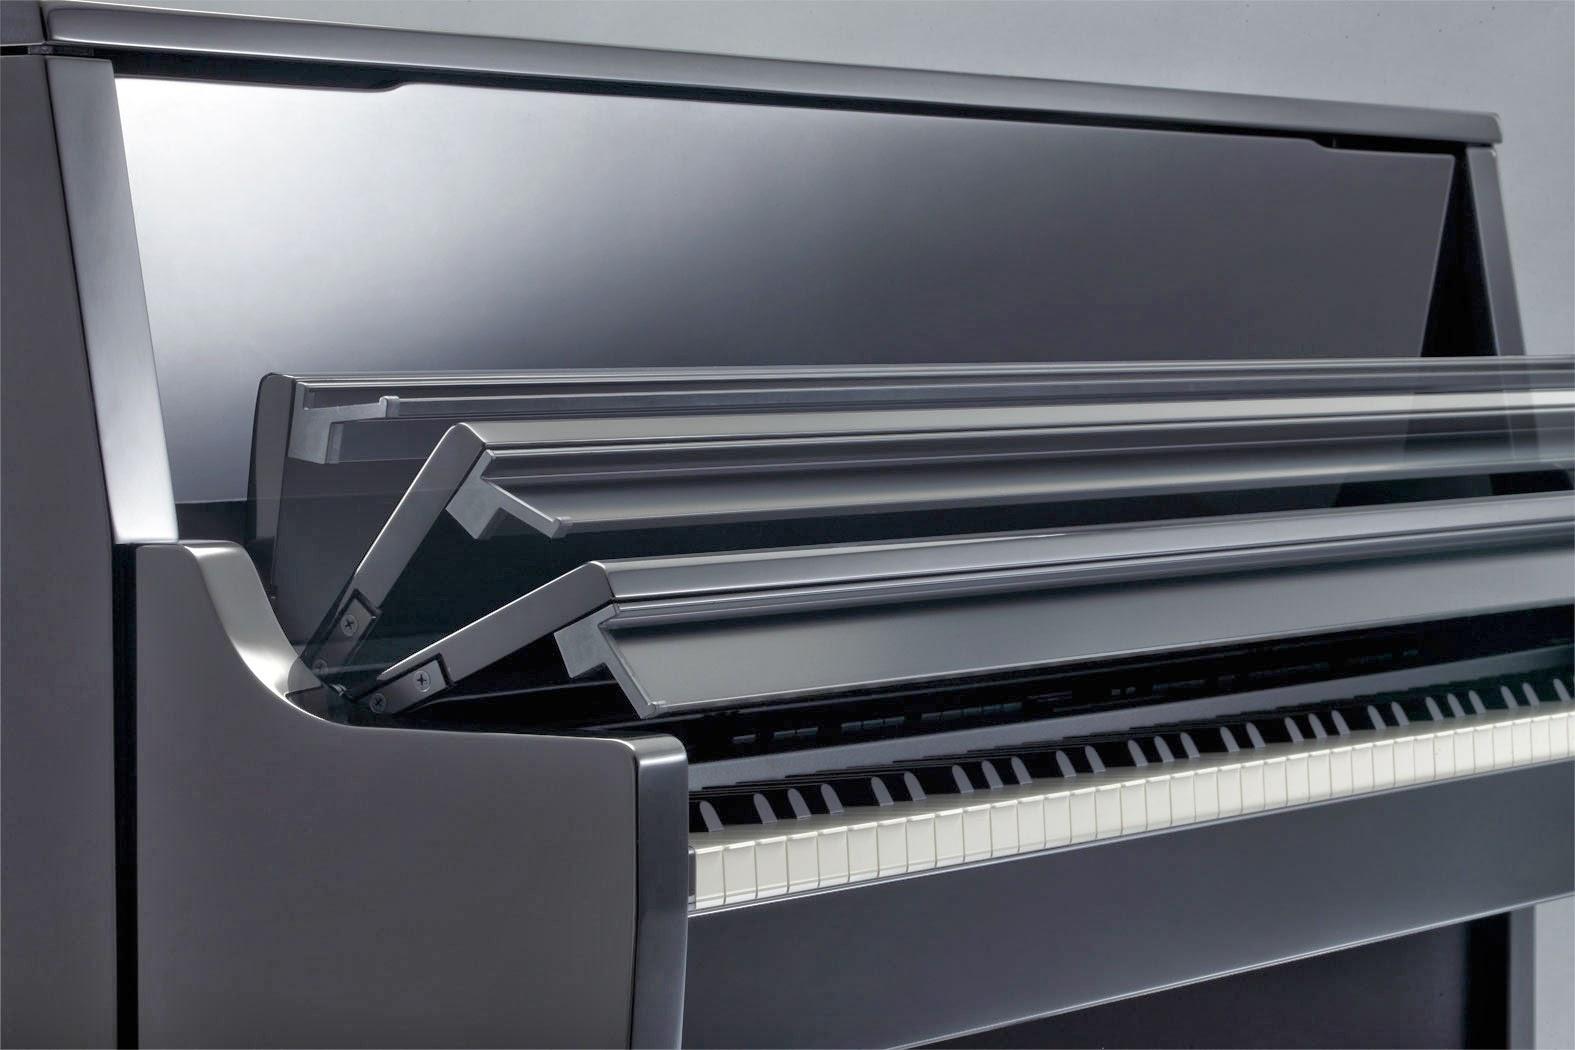 Roland LX15e digital piano key cover